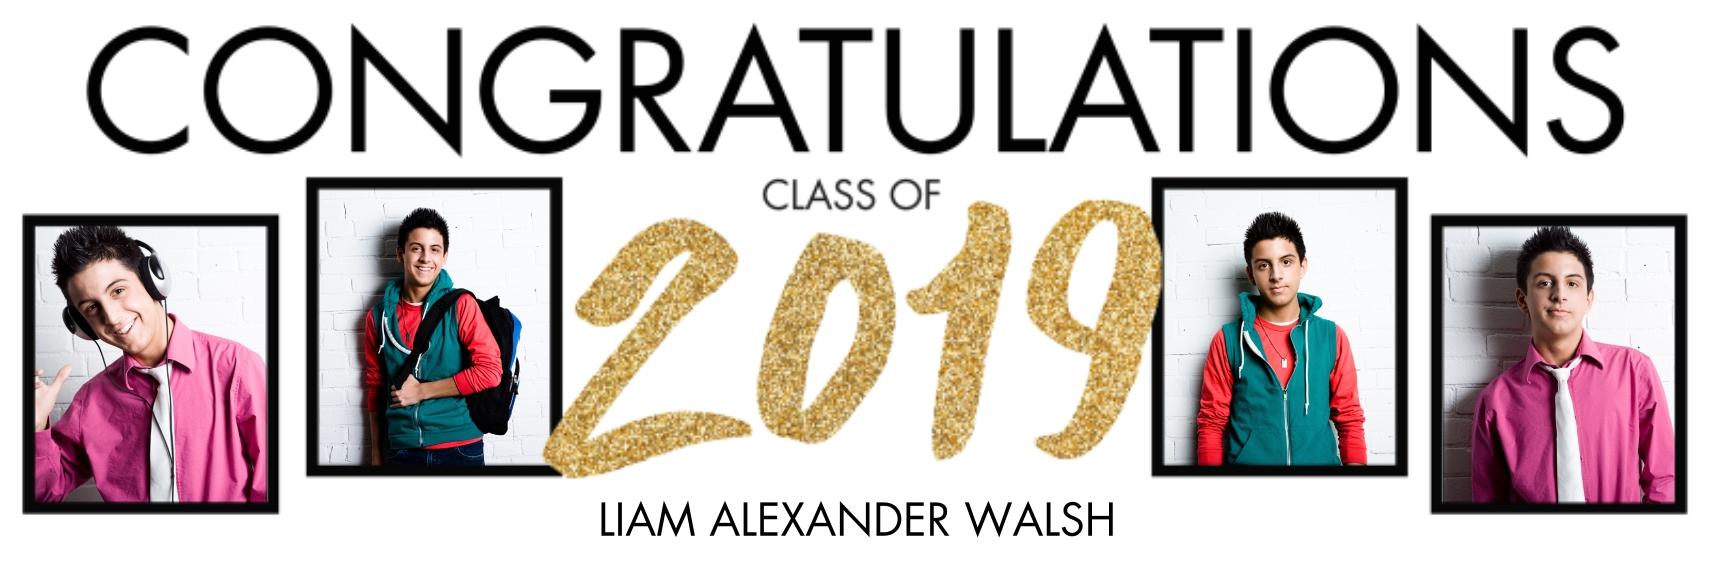 Graduation Photo Banner 1x3, Home Décor -Sparkling Graduate 2019